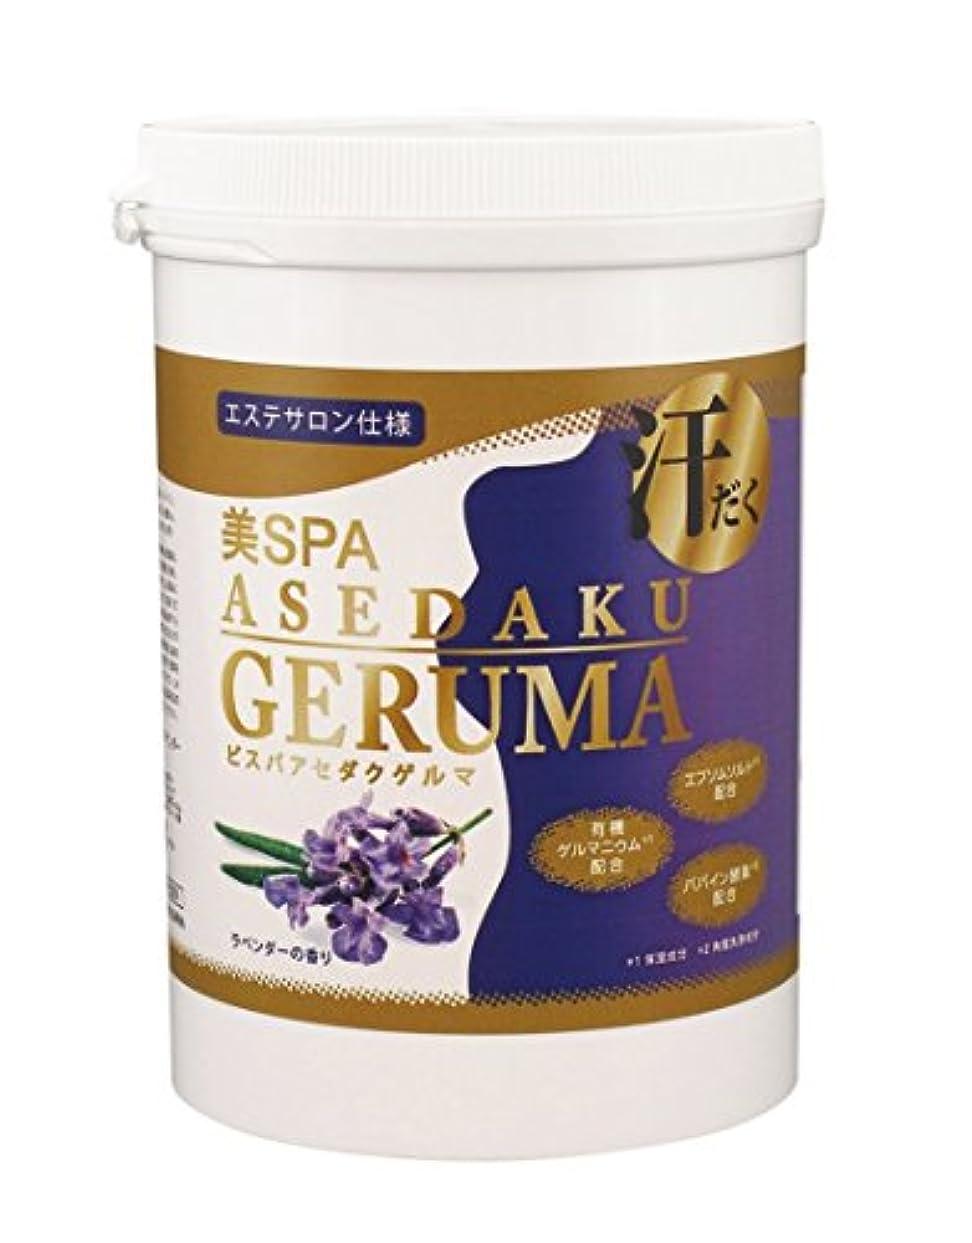 離婚極めて甘い日本生化学 ゲルマニウム入浴料 美SPA ASEDAKU GERUMA ラベンダー ボトル 1kg